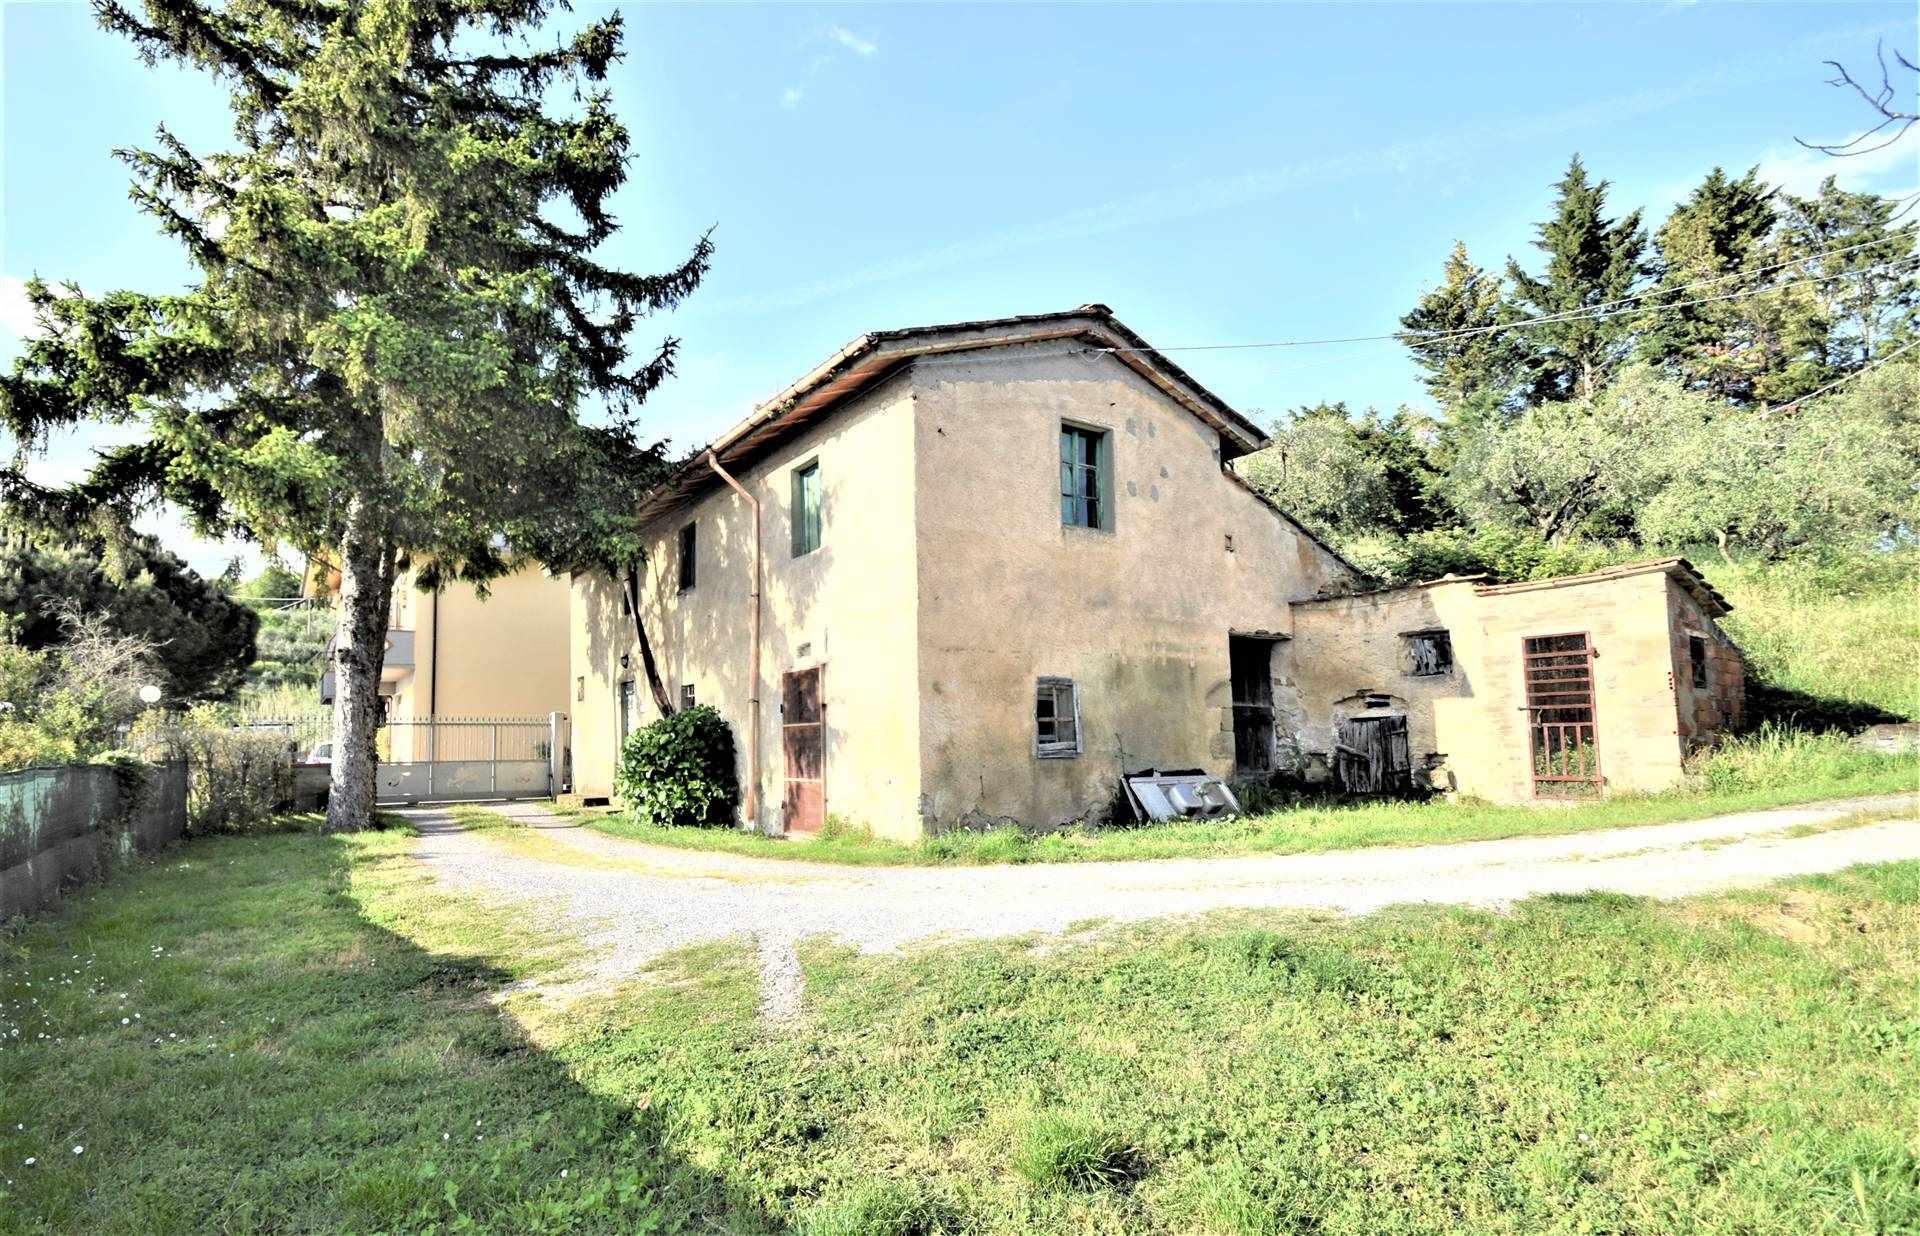 Soluzione Indipendente in vendita a Montecatini-Terme, 7 locali, zona Zona: Montecatini Alto, prezzo € 100.000 | CambioCasa.it